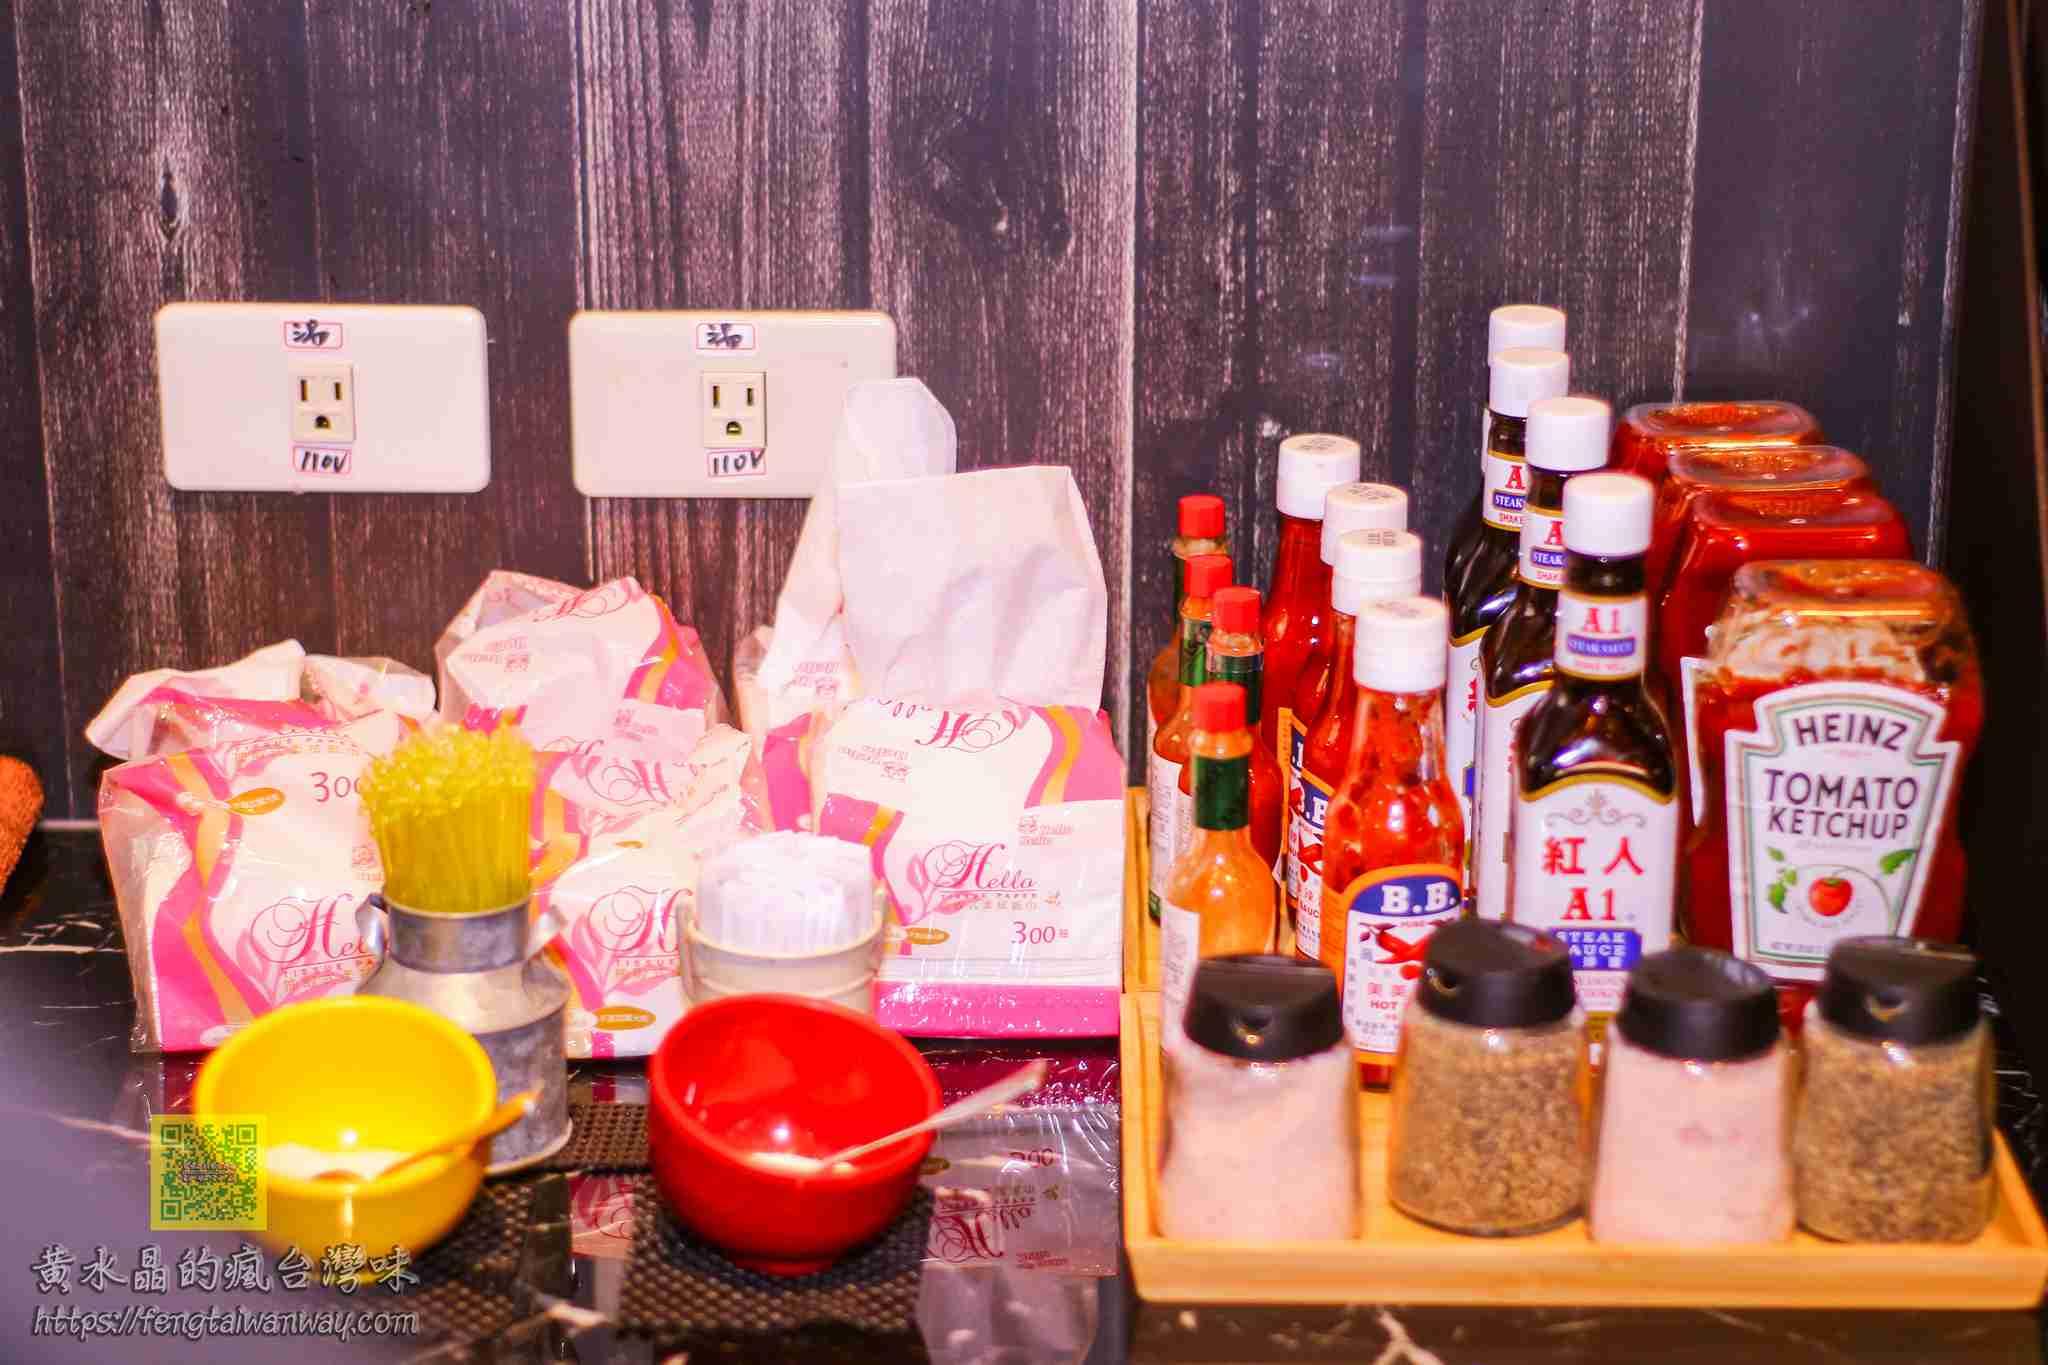 牛B STEAK 牛排工場【內壢美食】|飲料吧及玉米濃湯無限喝到飽;美式工業風牛排店豪華登場 @黃水晶的瘋台灣味